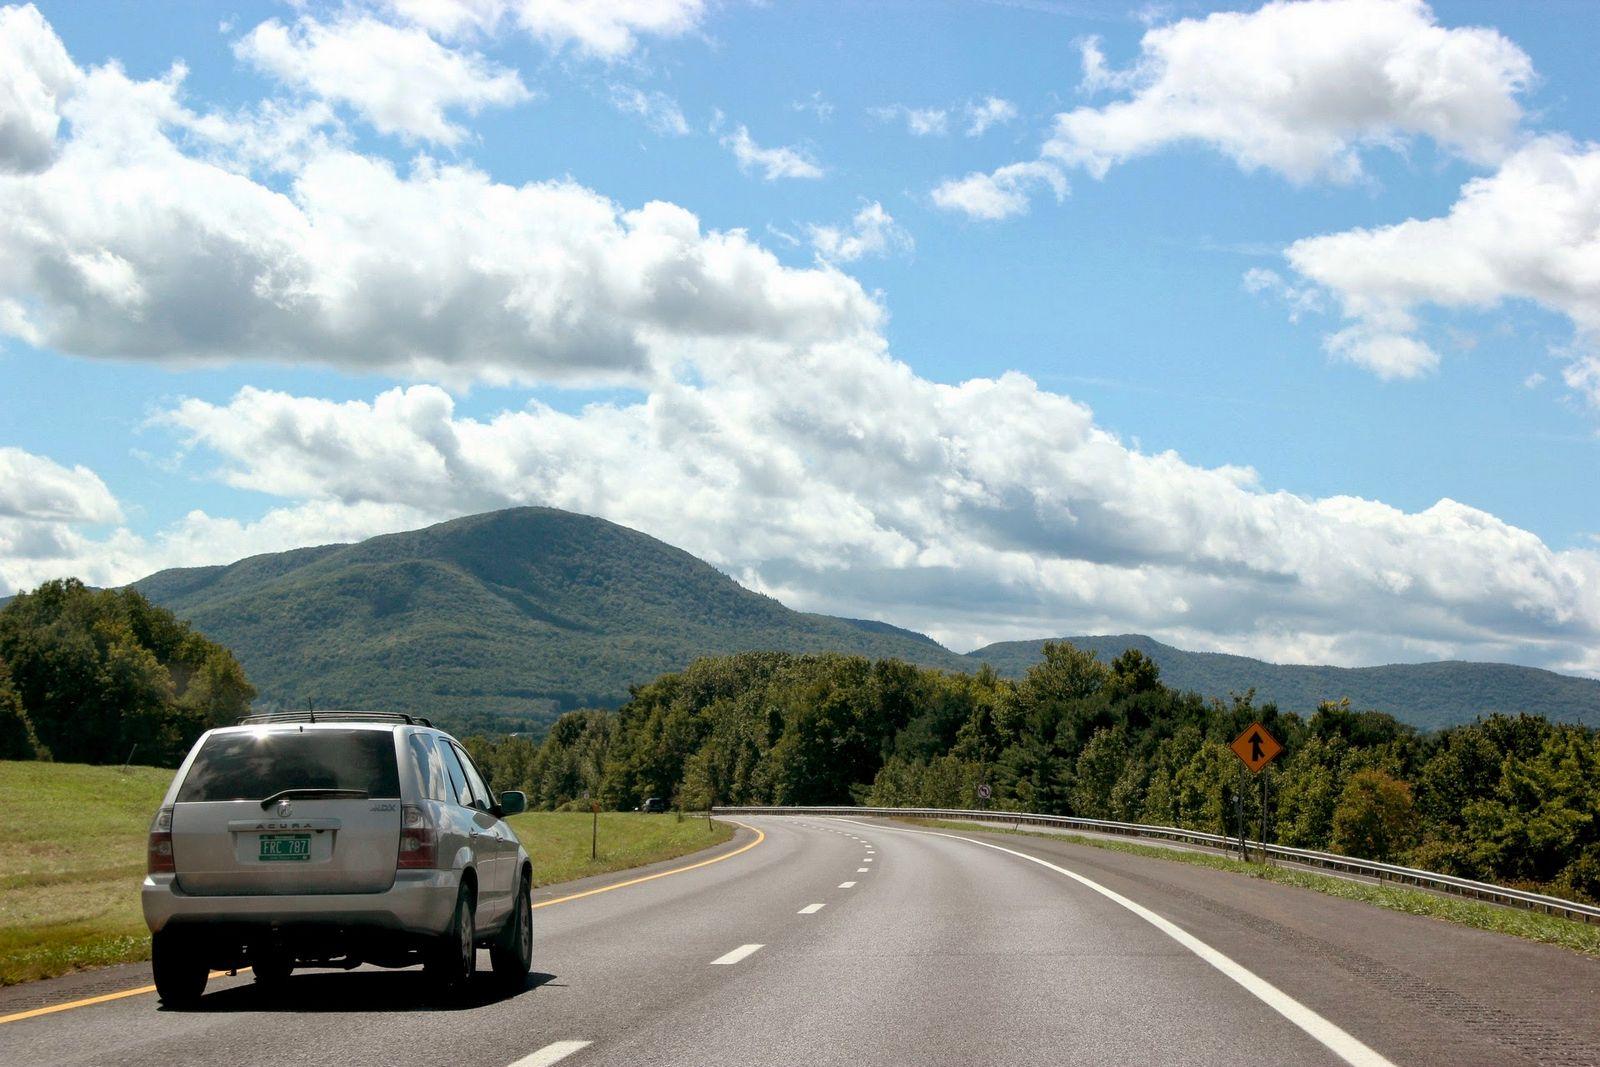 Entre tanta montaña seguro que hay cosas que merezcan la pena